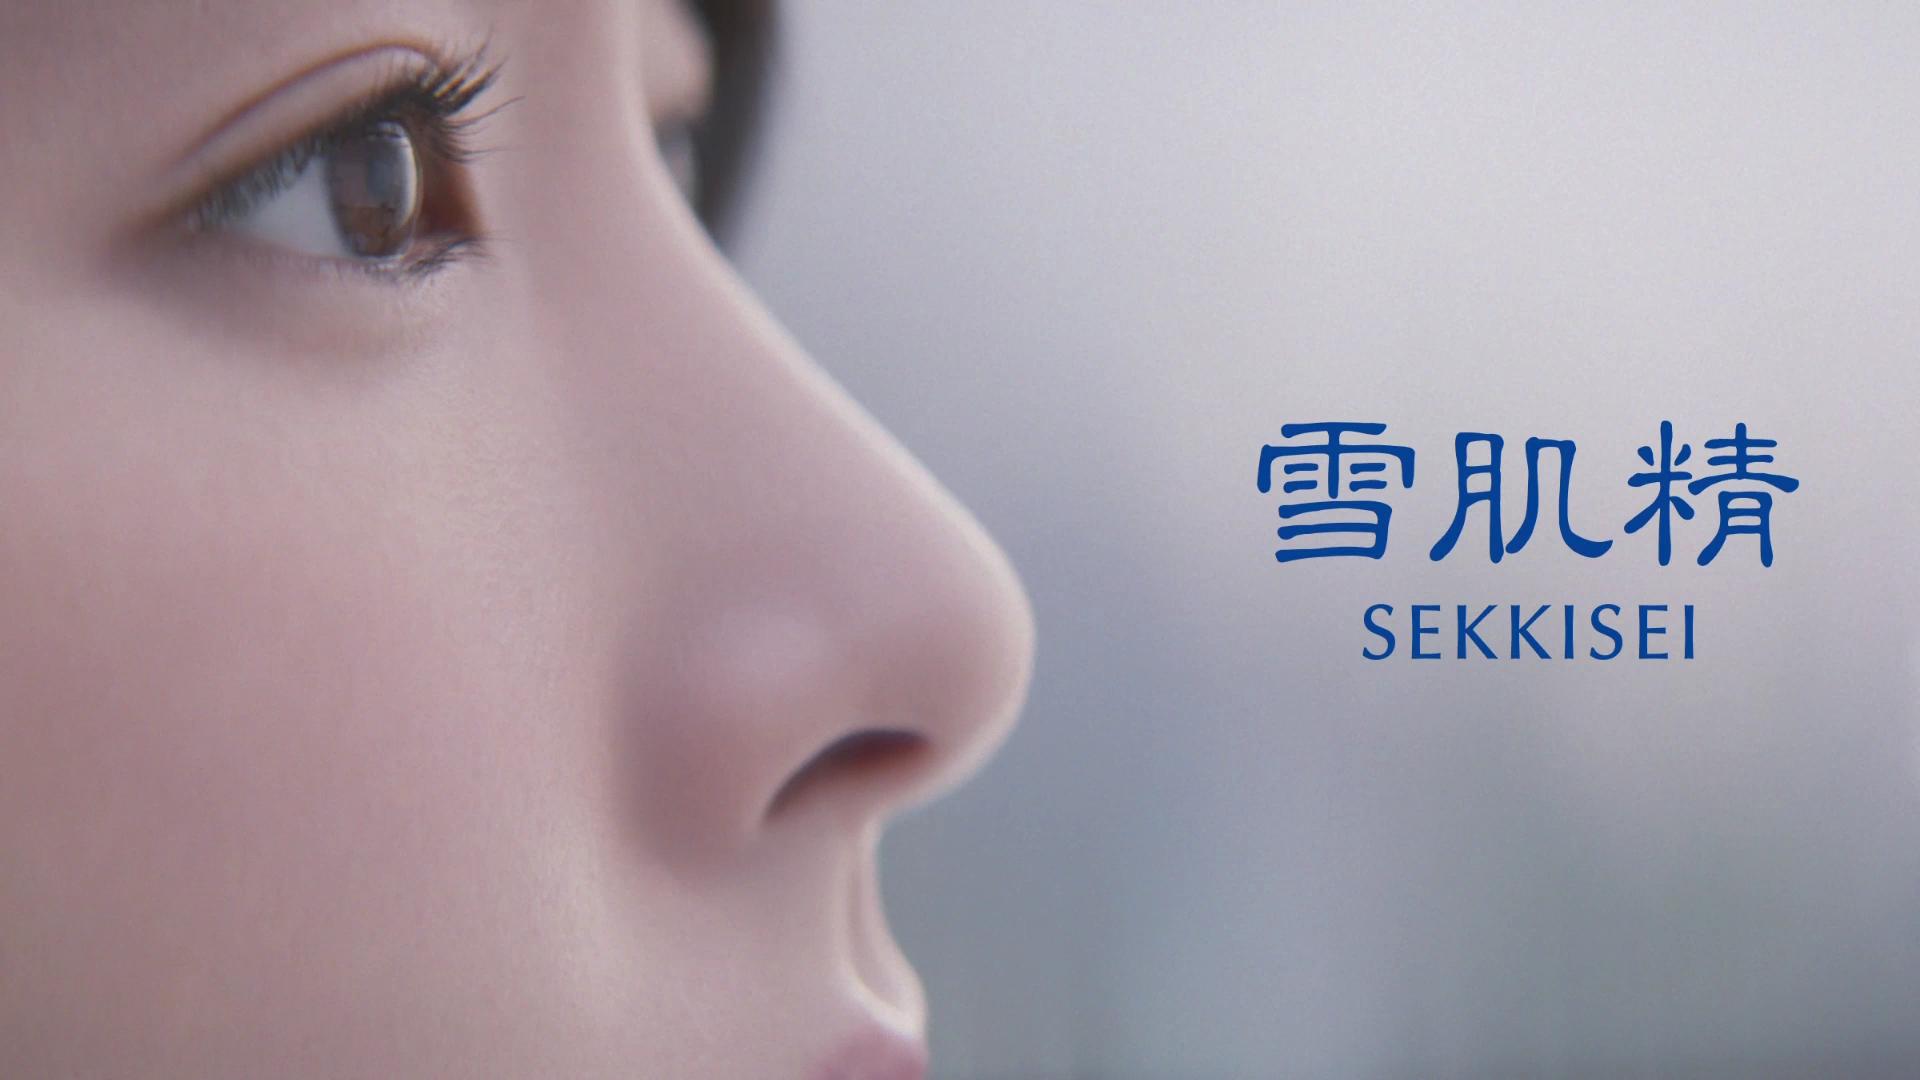 動画 コーセー 新垣結衣出演新cm 粉雪の雪肌精 ティザー 篇 4月17